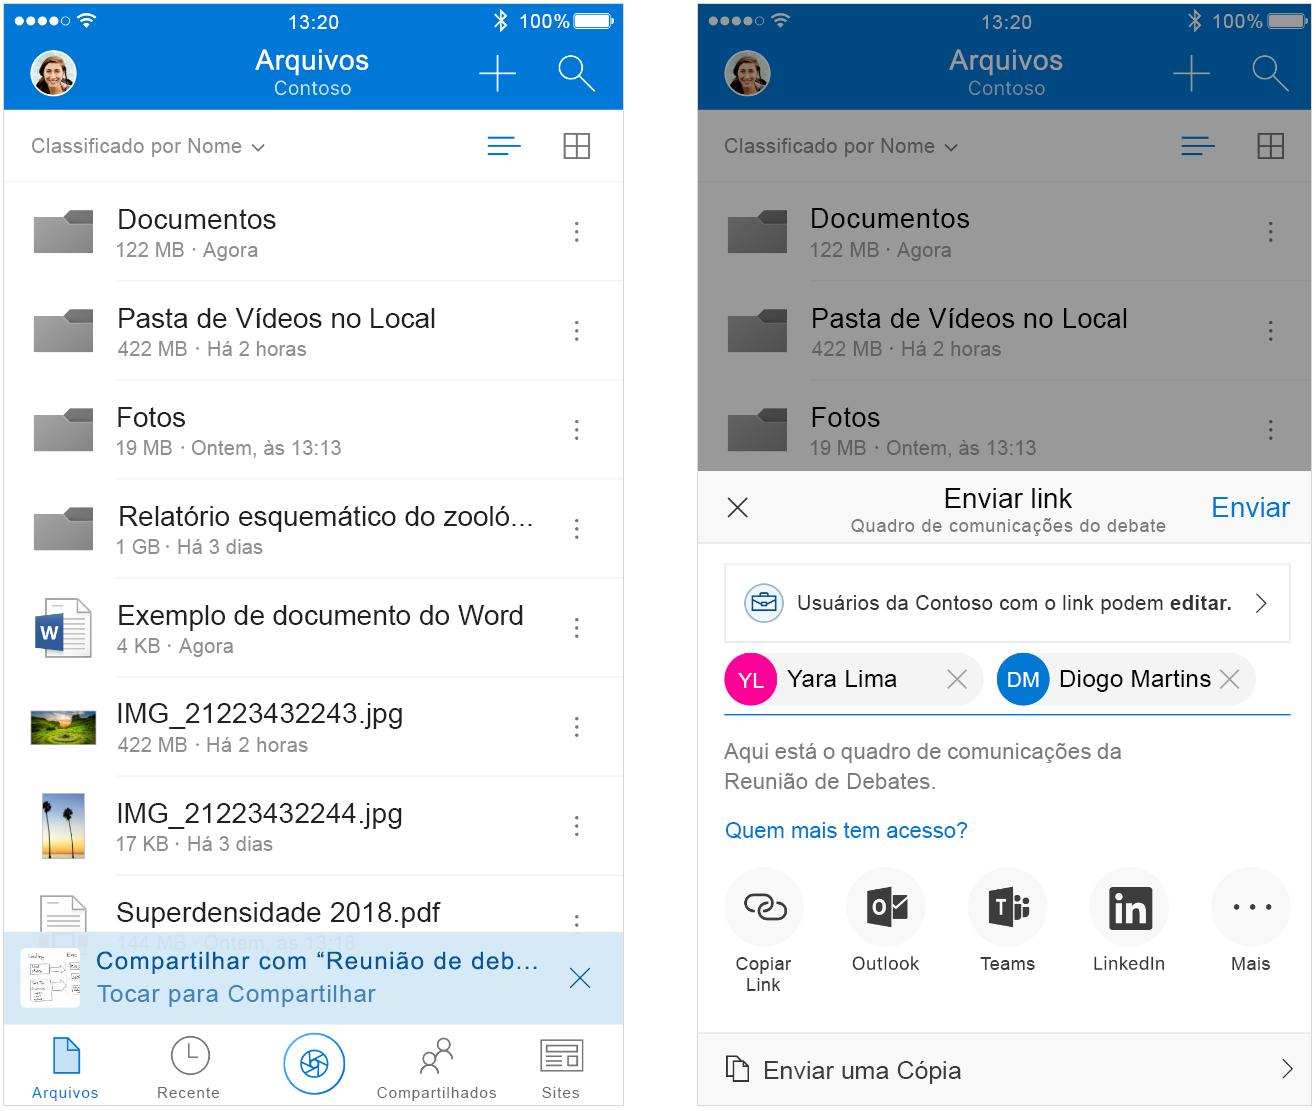 Capturas de tela lado a lado mostram como compartilhar arquivos de forma inteligente no Outlook.